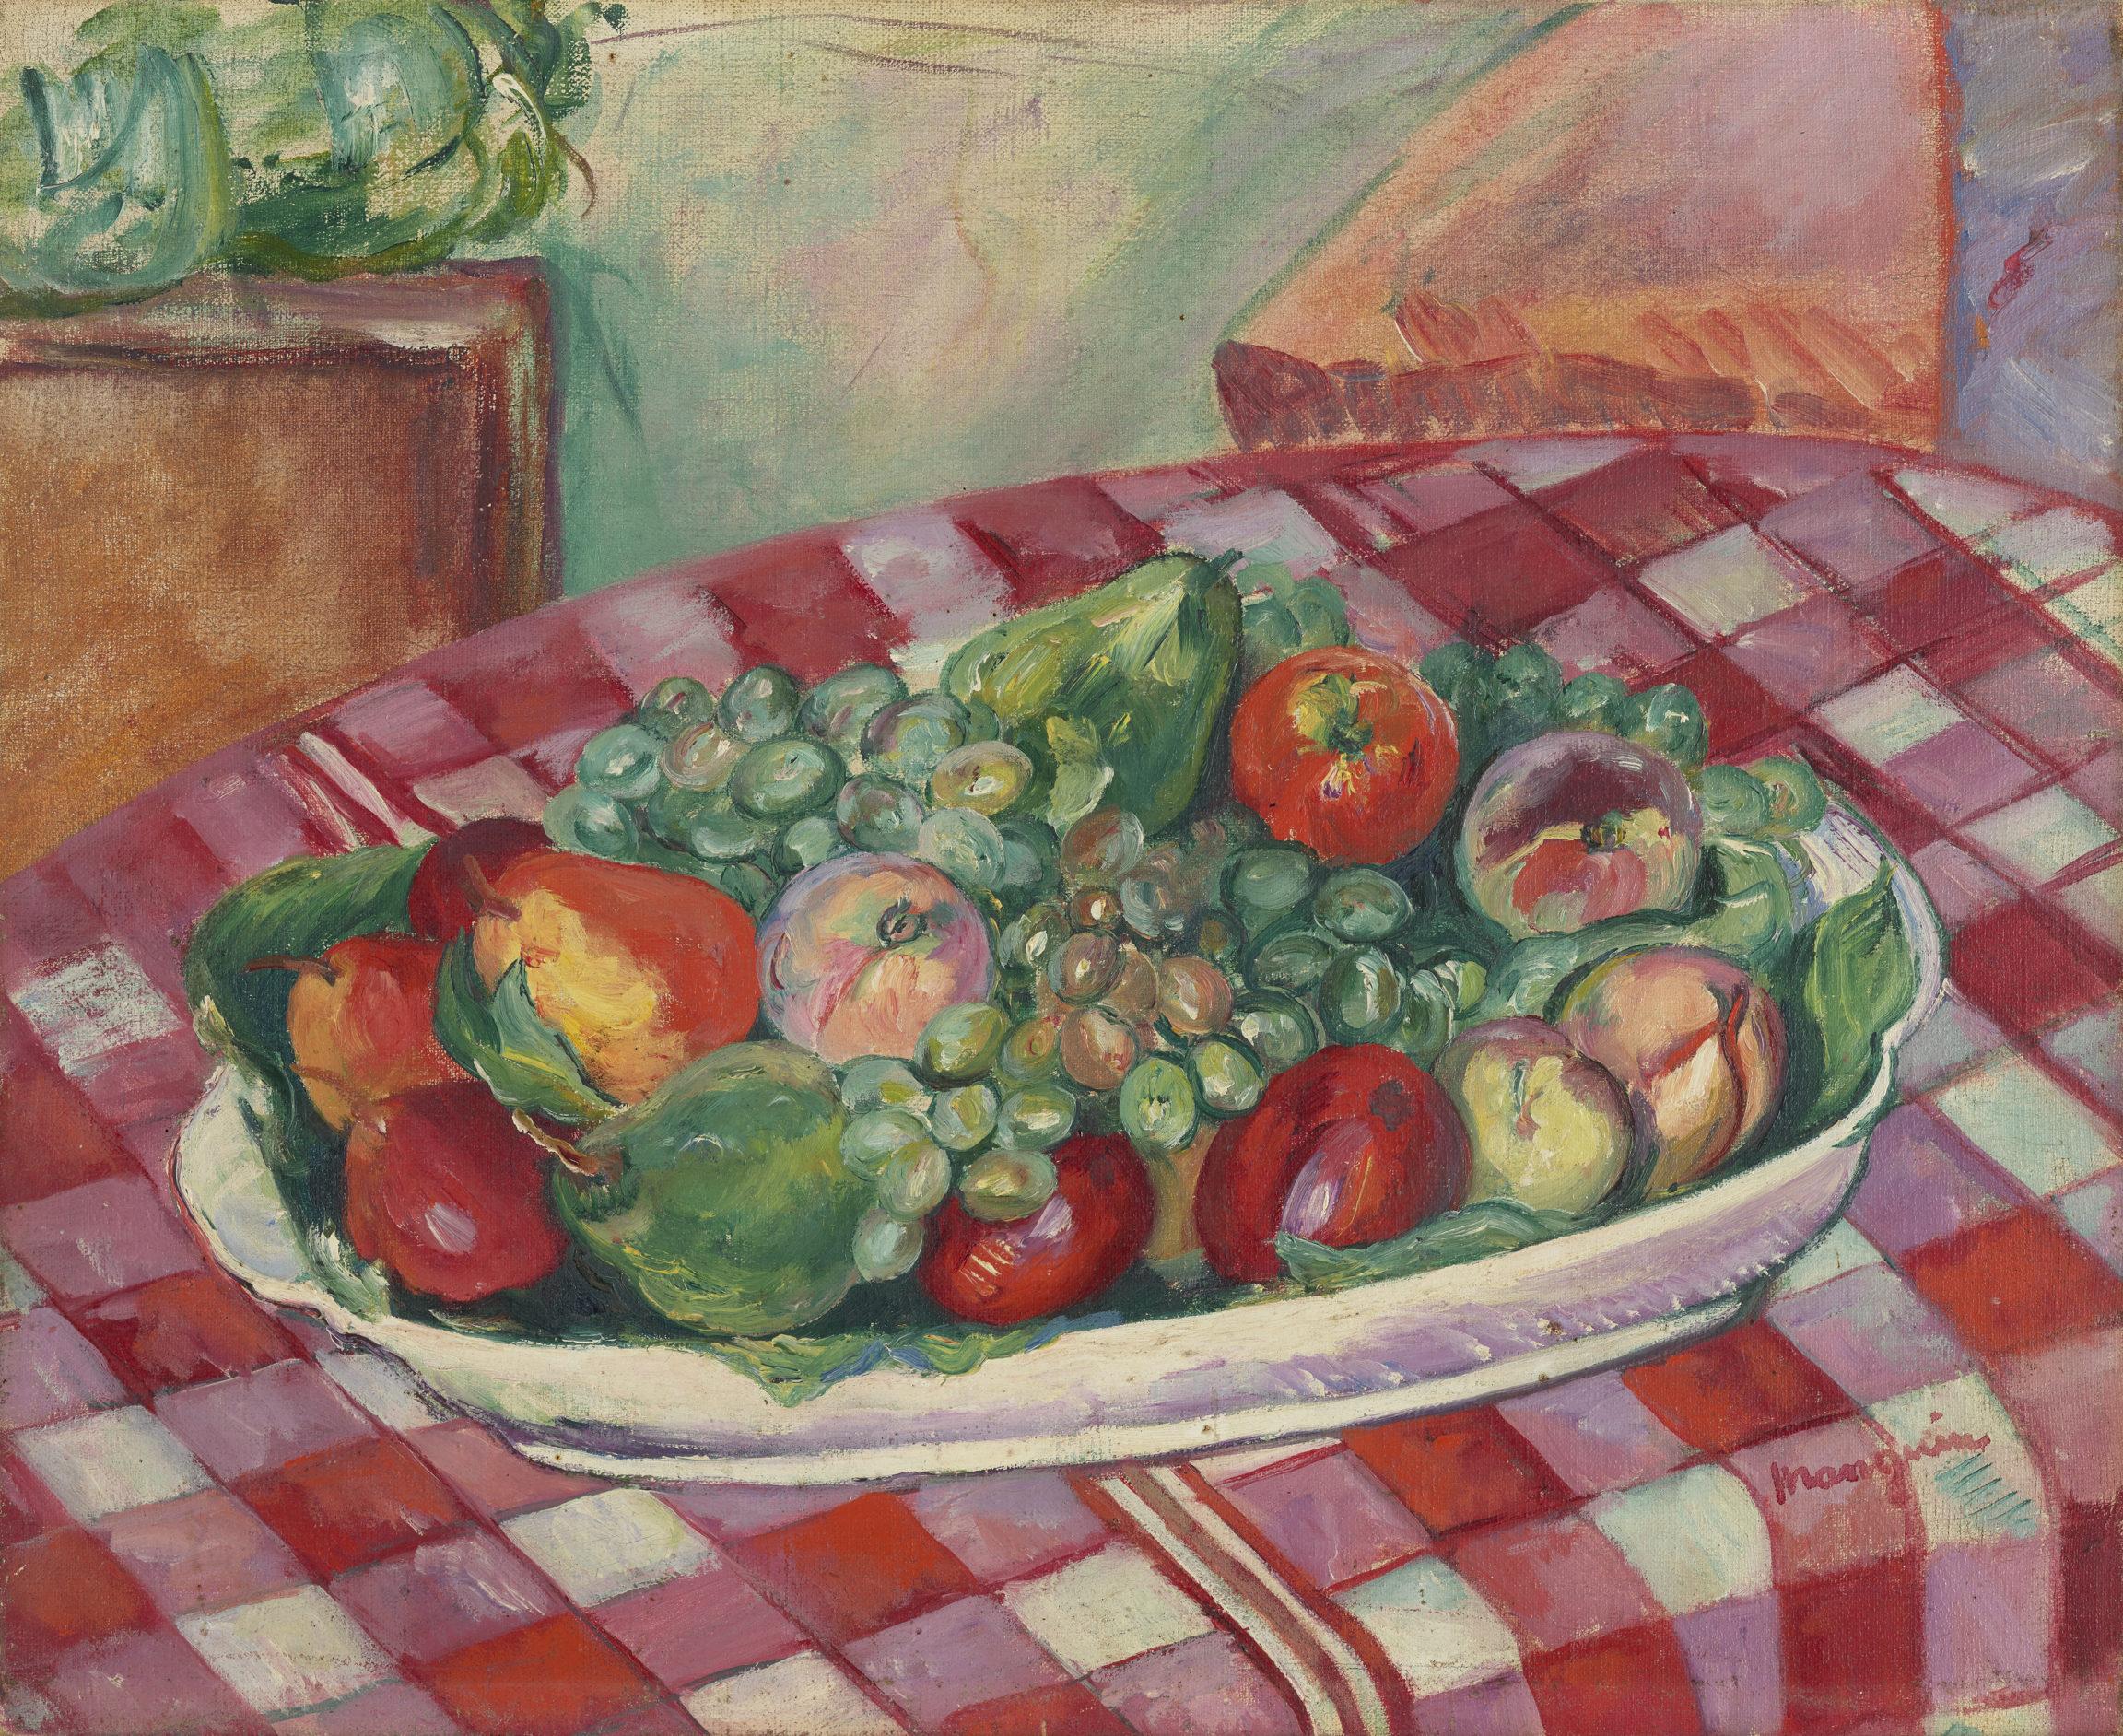 Henri Manguin , Nature morte au plat de fruits, 1917